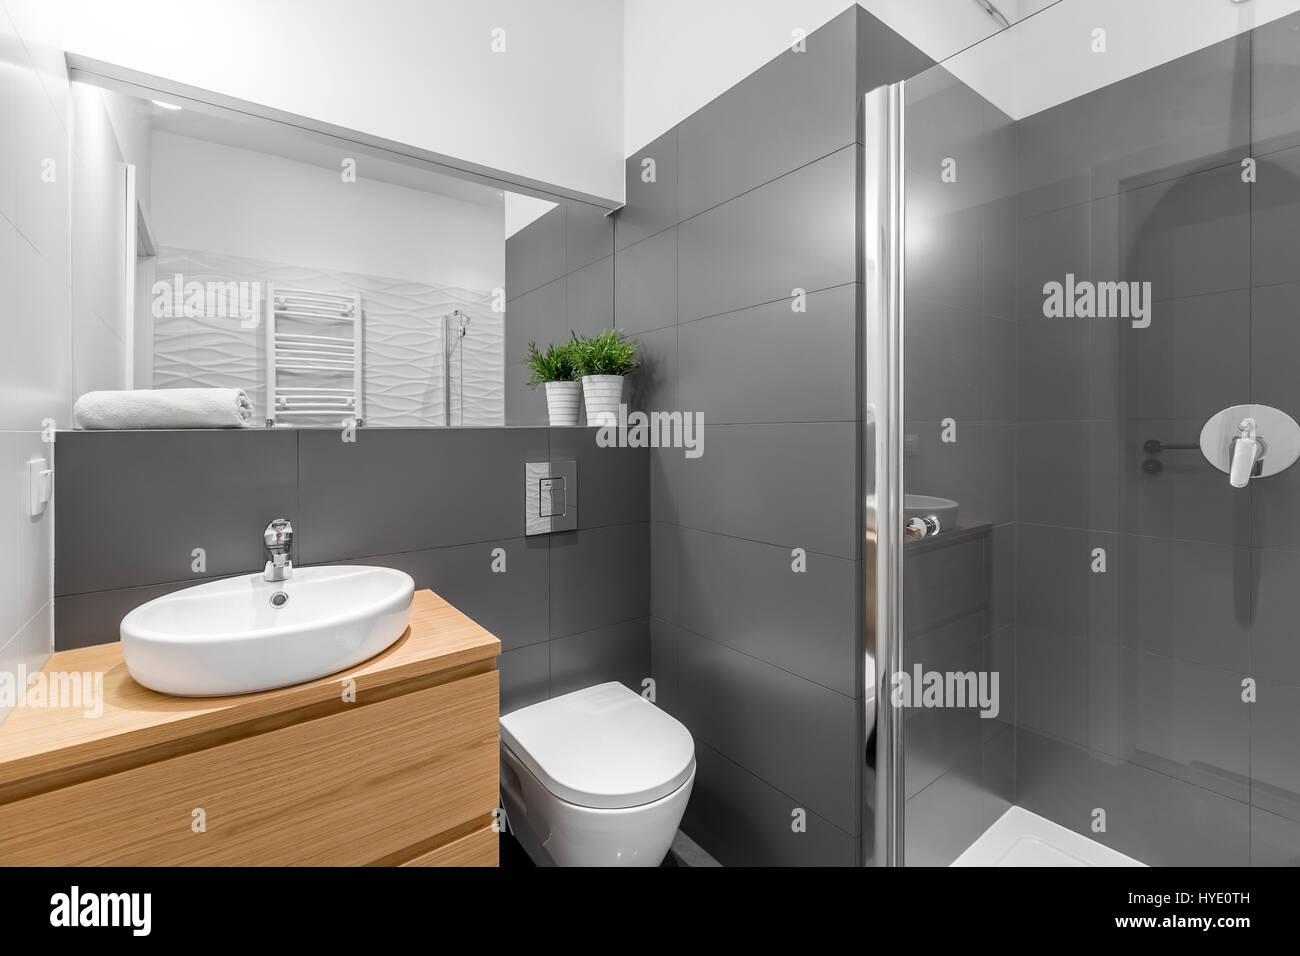 Modernes grau Bad mit Dusche, Möbel aus Holz, rund, weiß ...